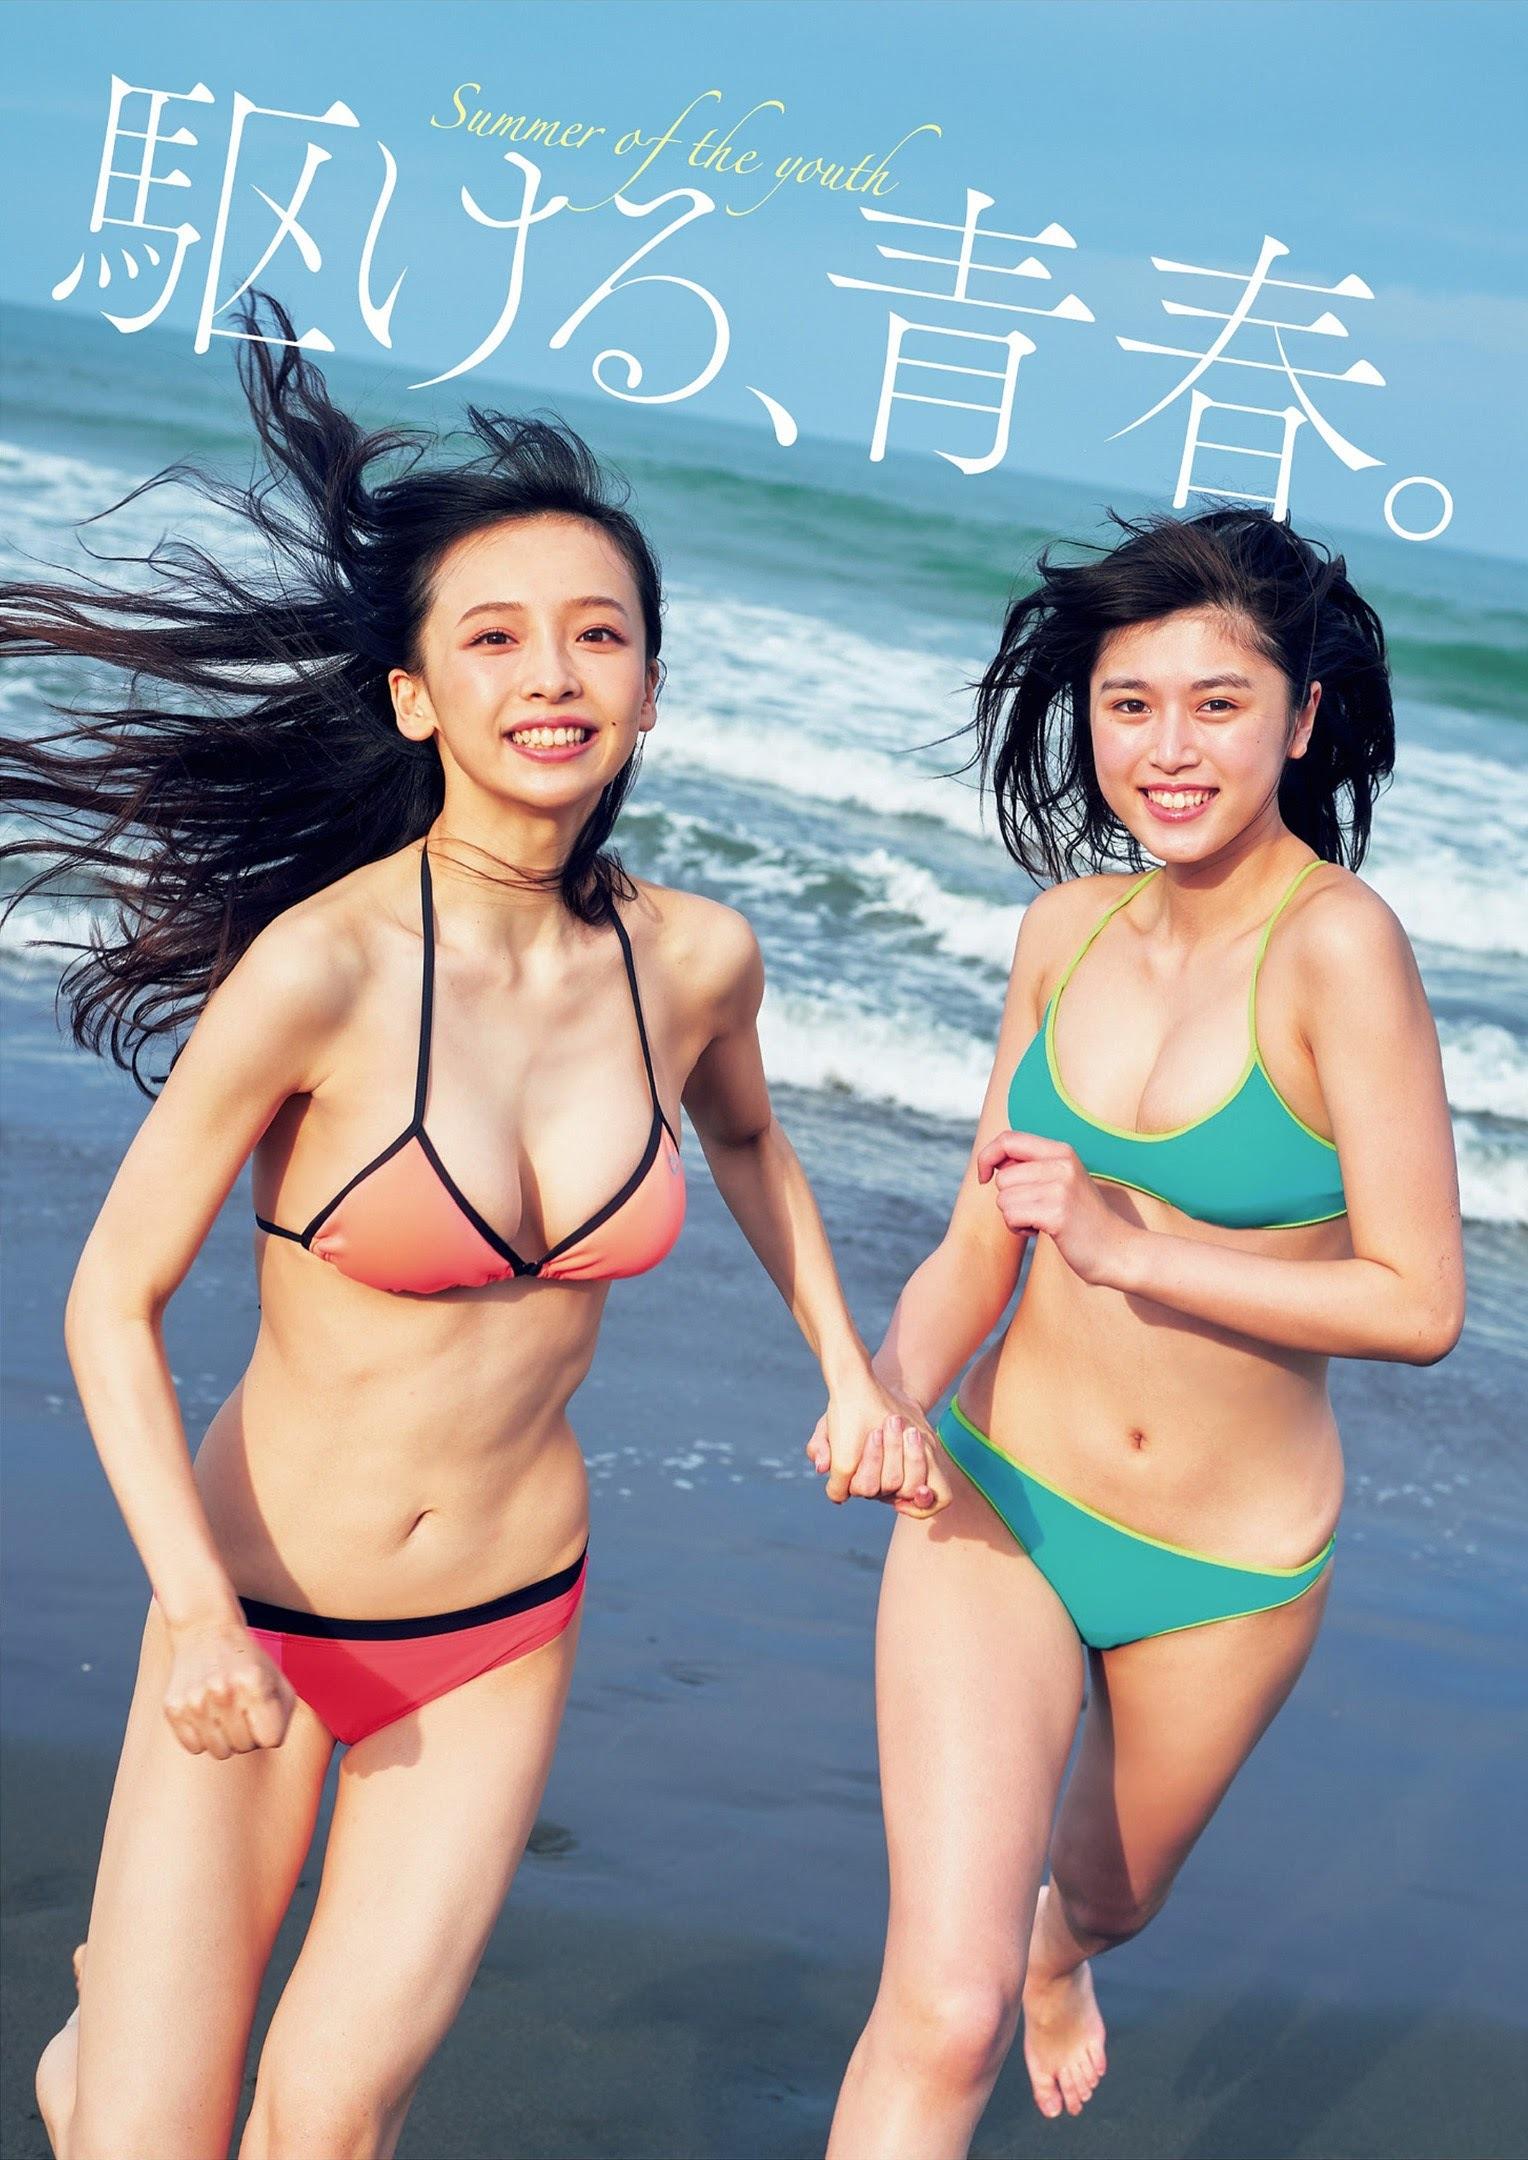 光野有菜 志田音音 华村飞鸟 北向珠夕-Weekly Playboy 2021年31期32期合刊 高清套图 第39张